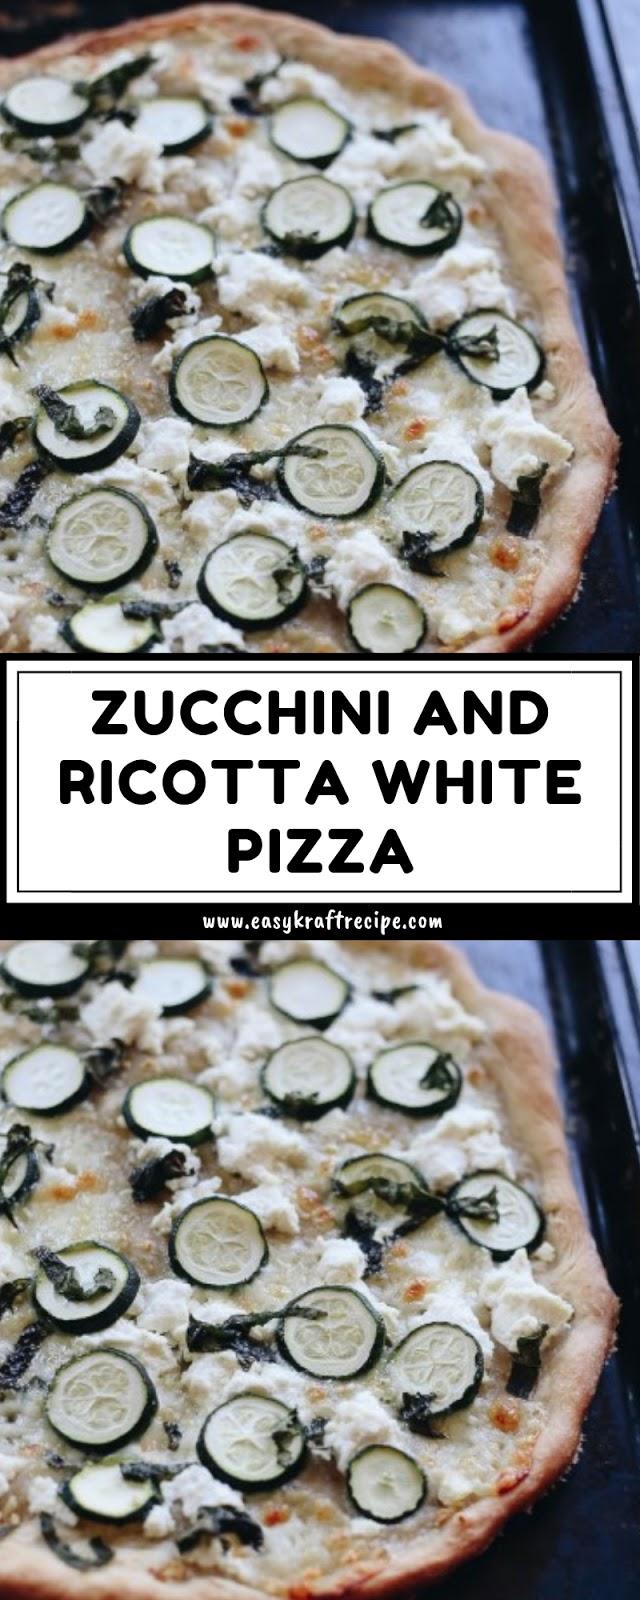 ZUCCHINI AND RICOTTA WHITE PIZZA